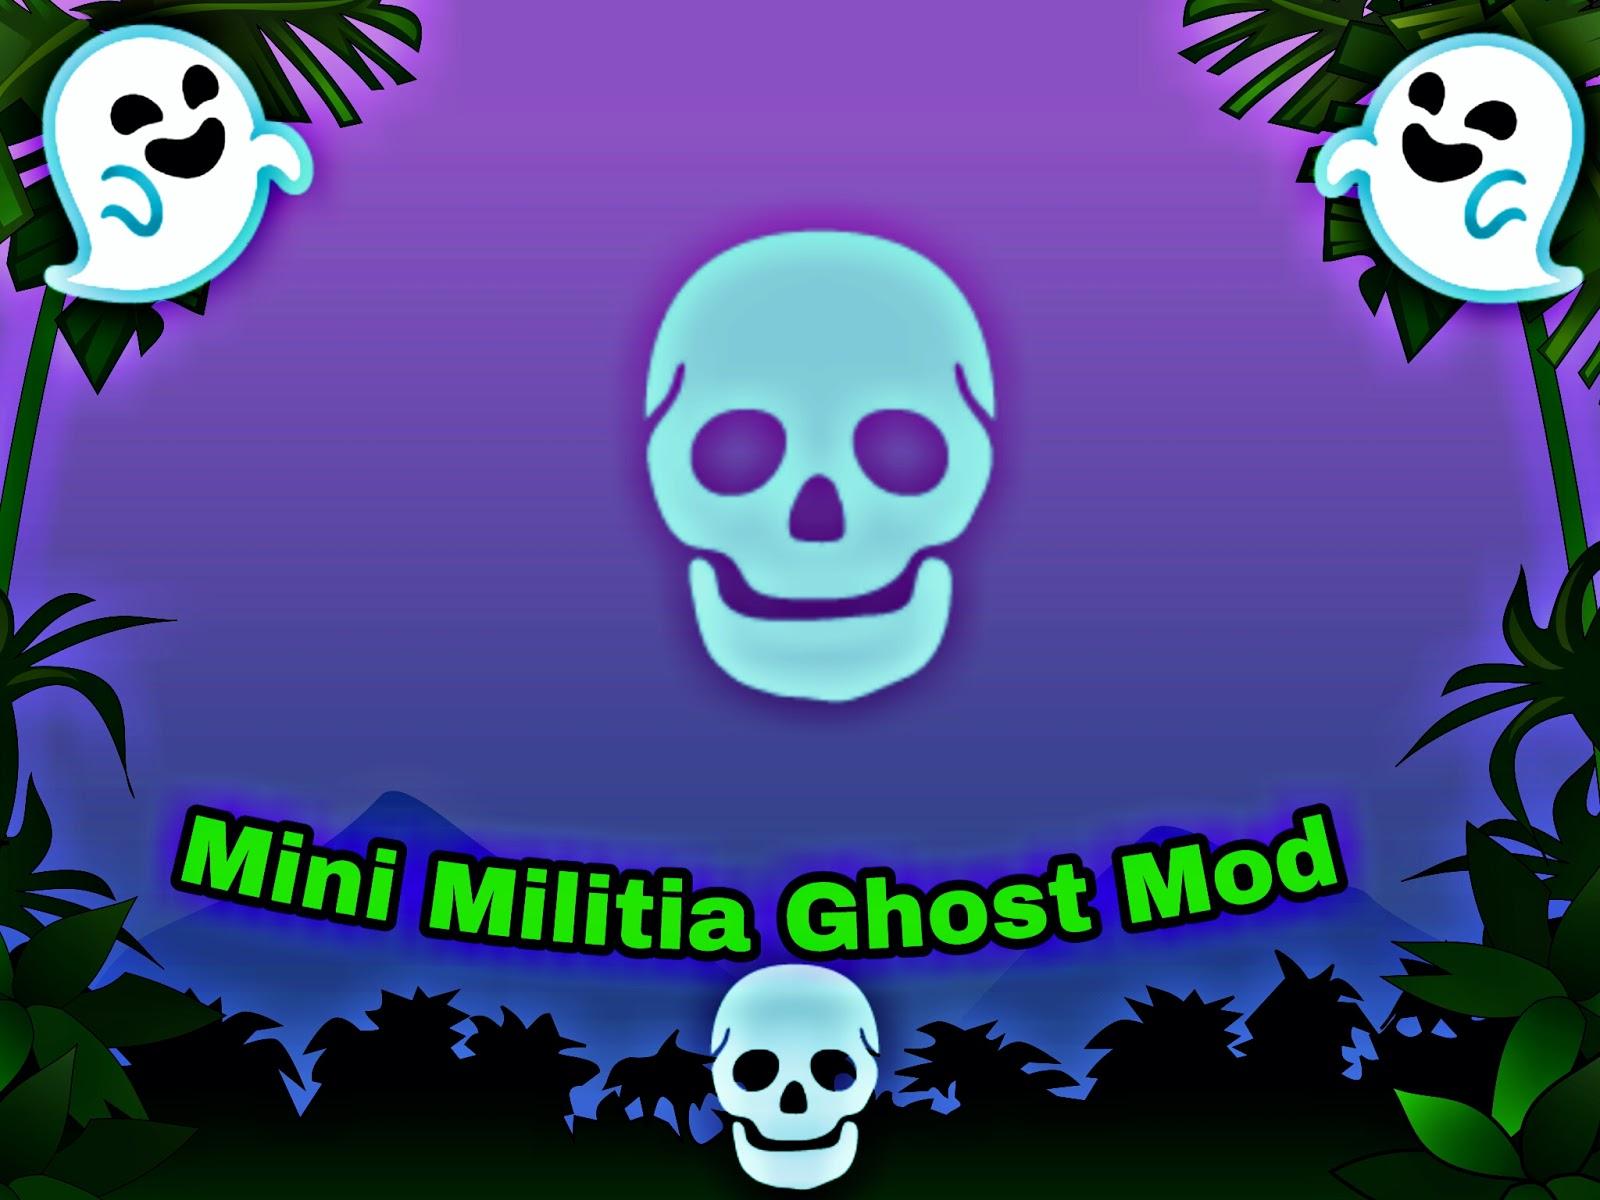 Mini Militia V426 Ghost Mod Latest Version New Version